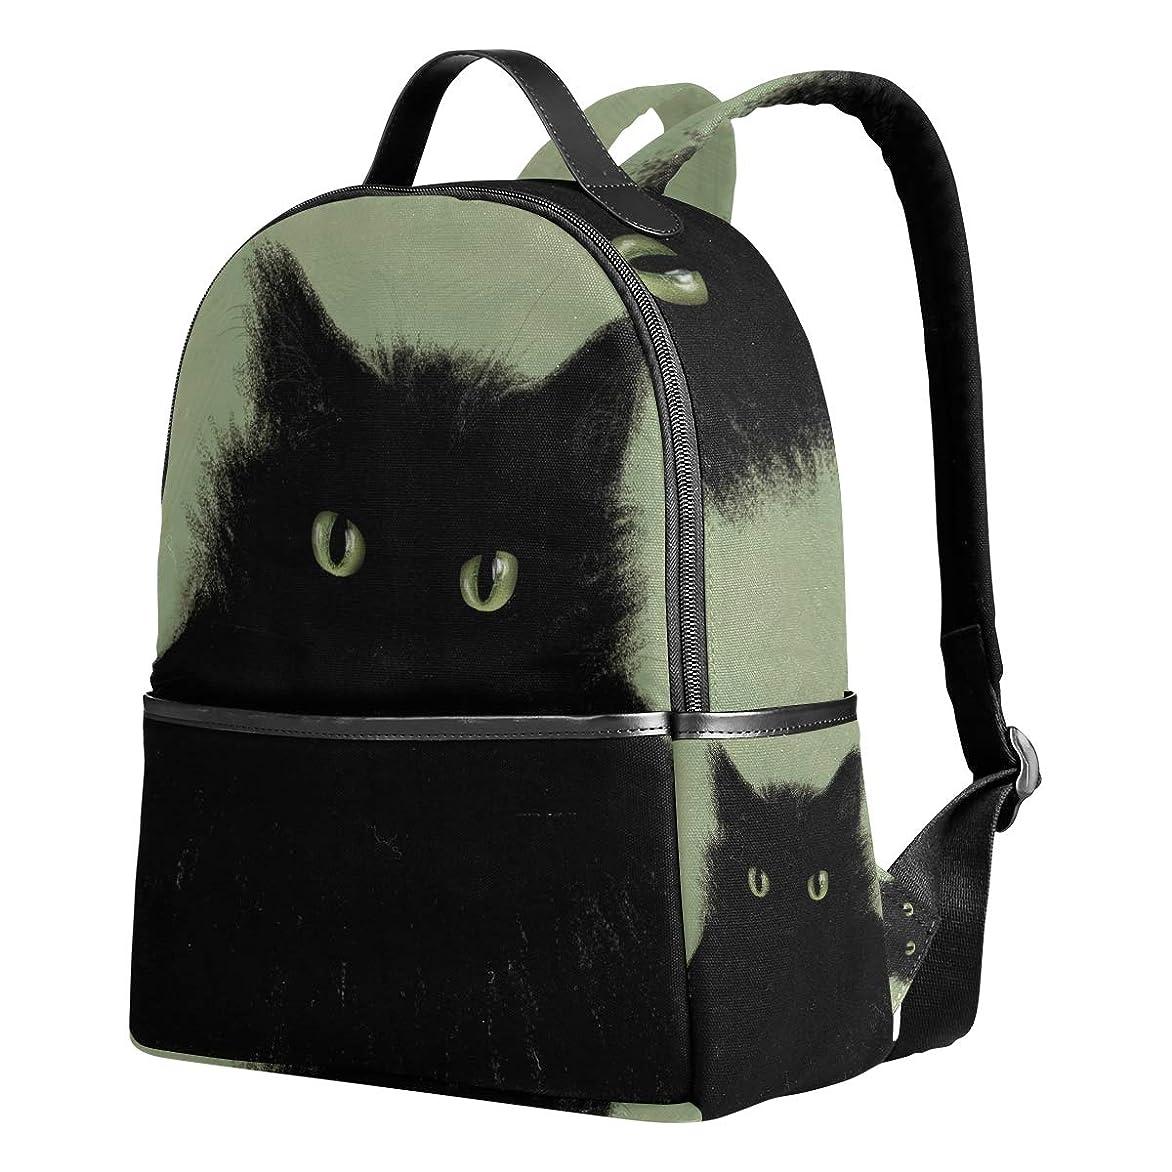 討論感情の乳製品ユサキ(USAKI) リュック リュックサック 通学 黒猫 猫柄 ブラック